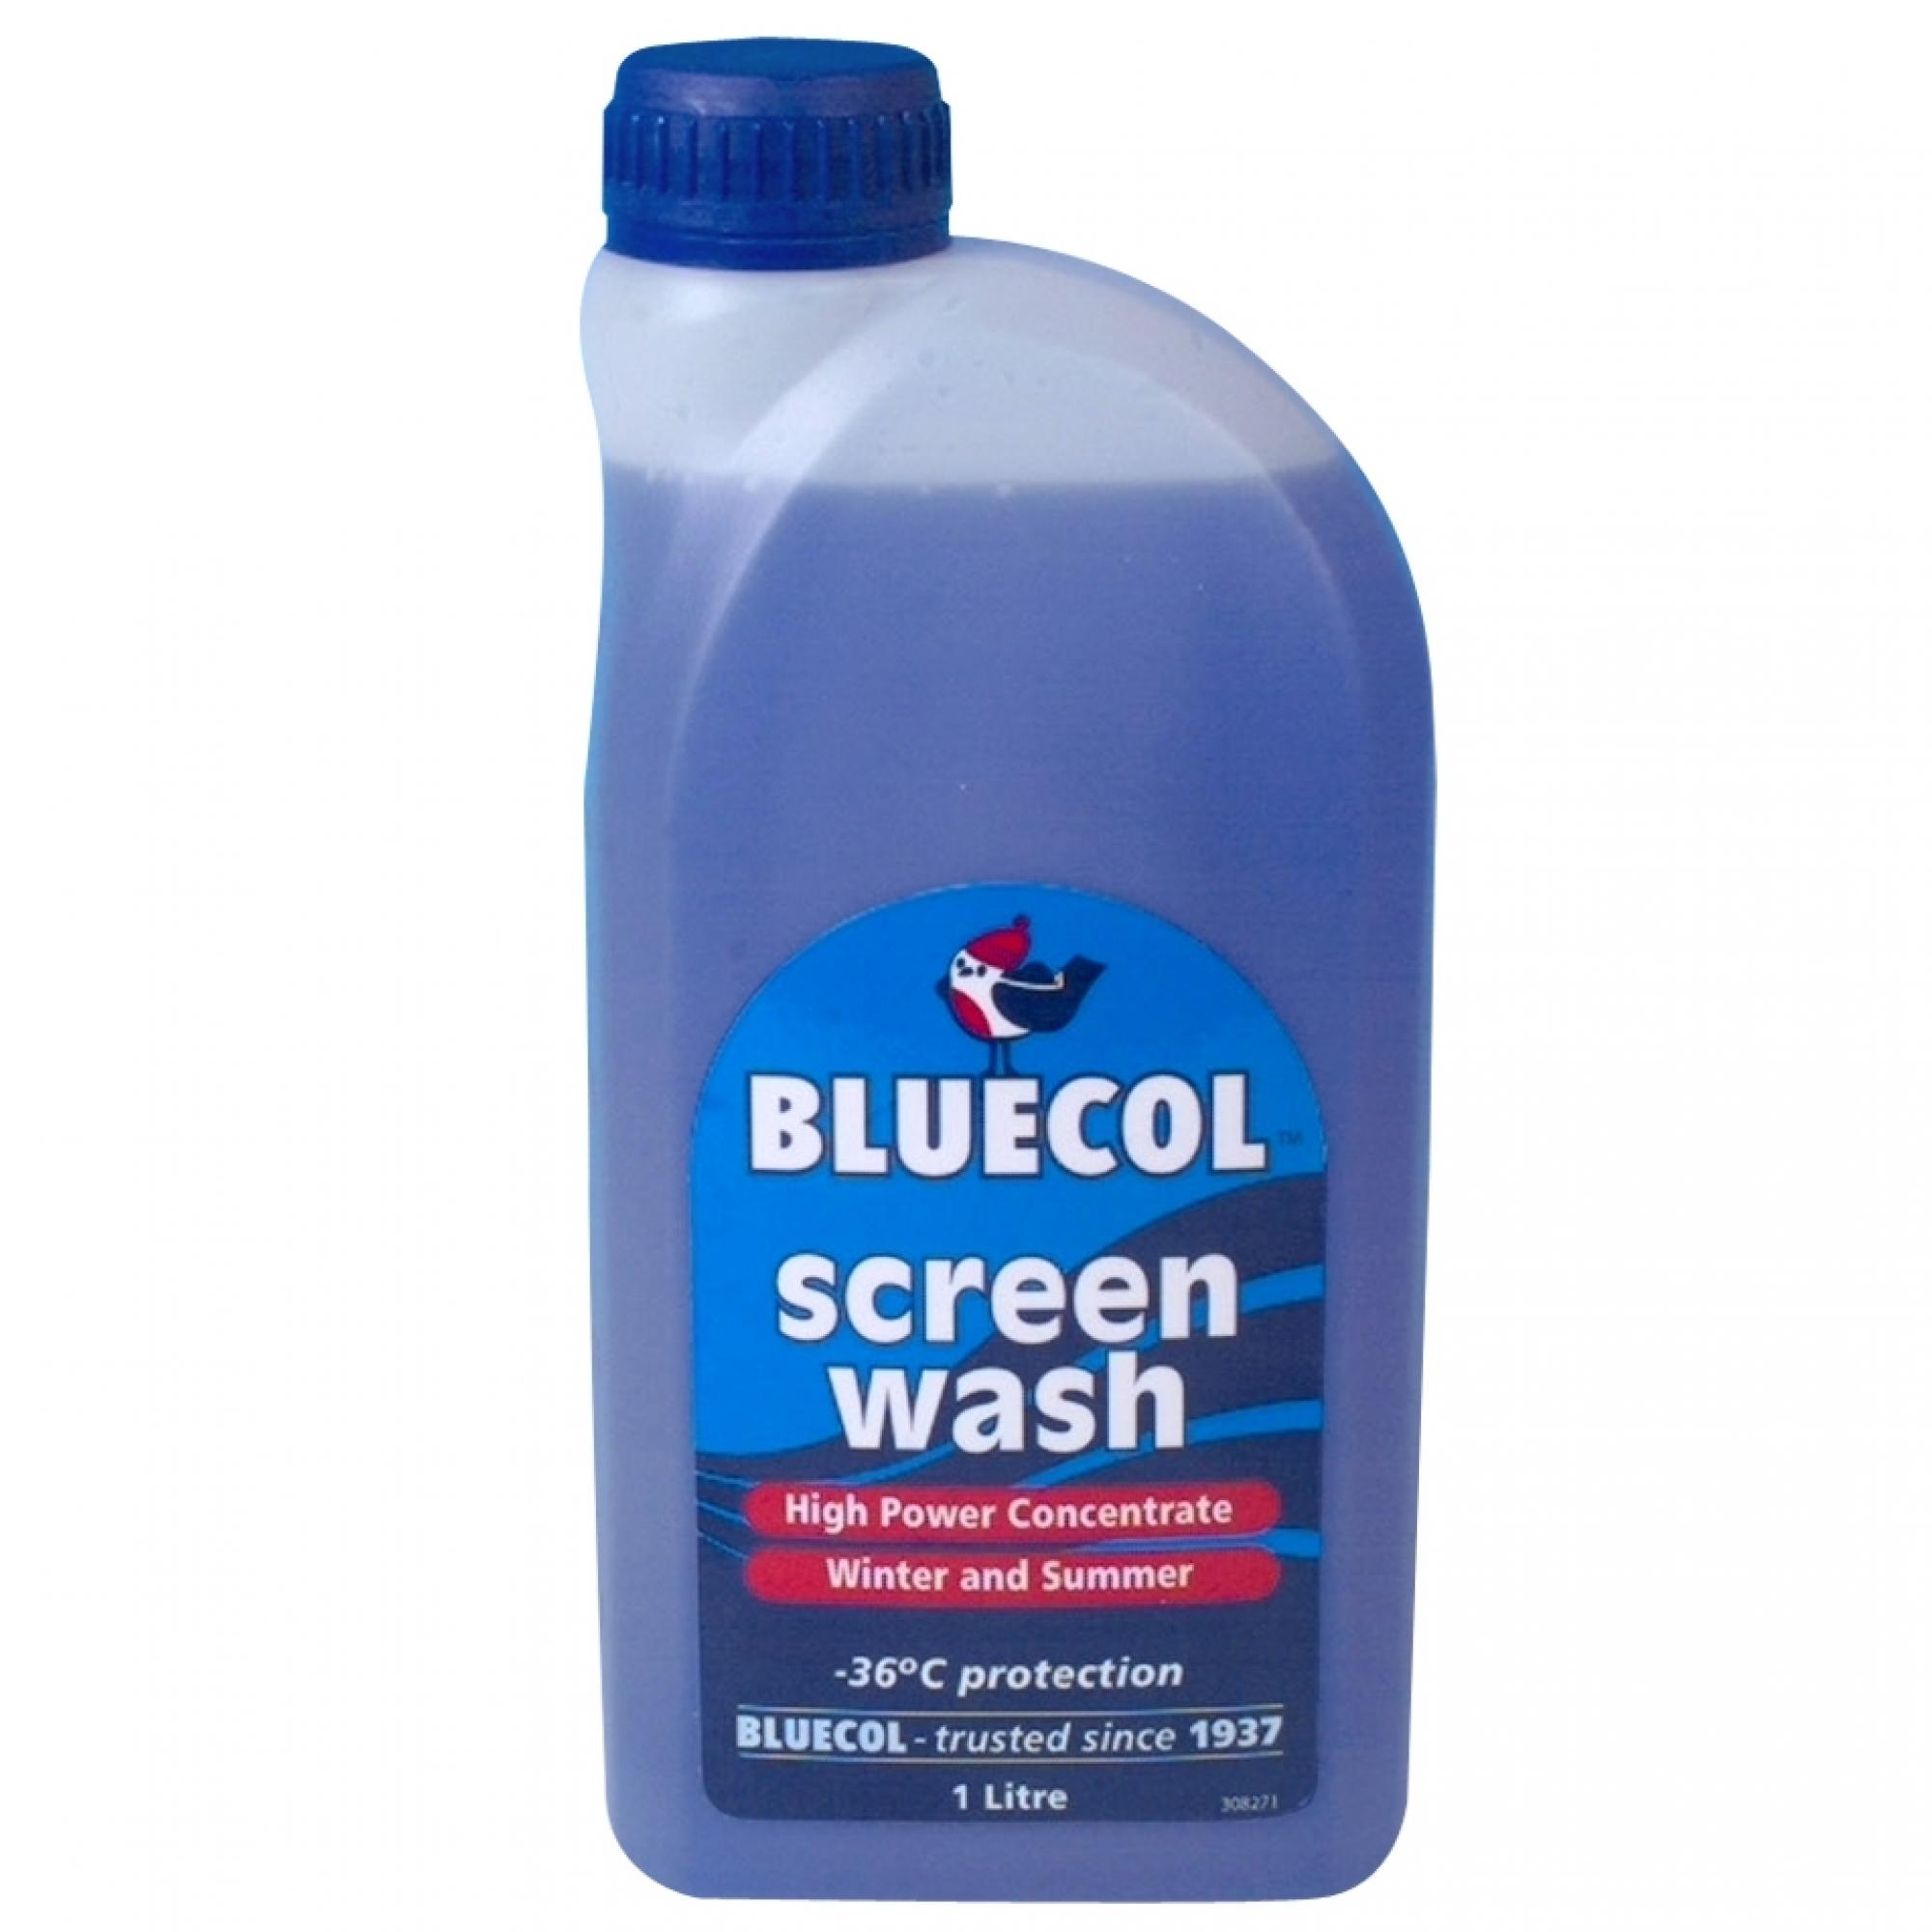 Bluecol screen wash